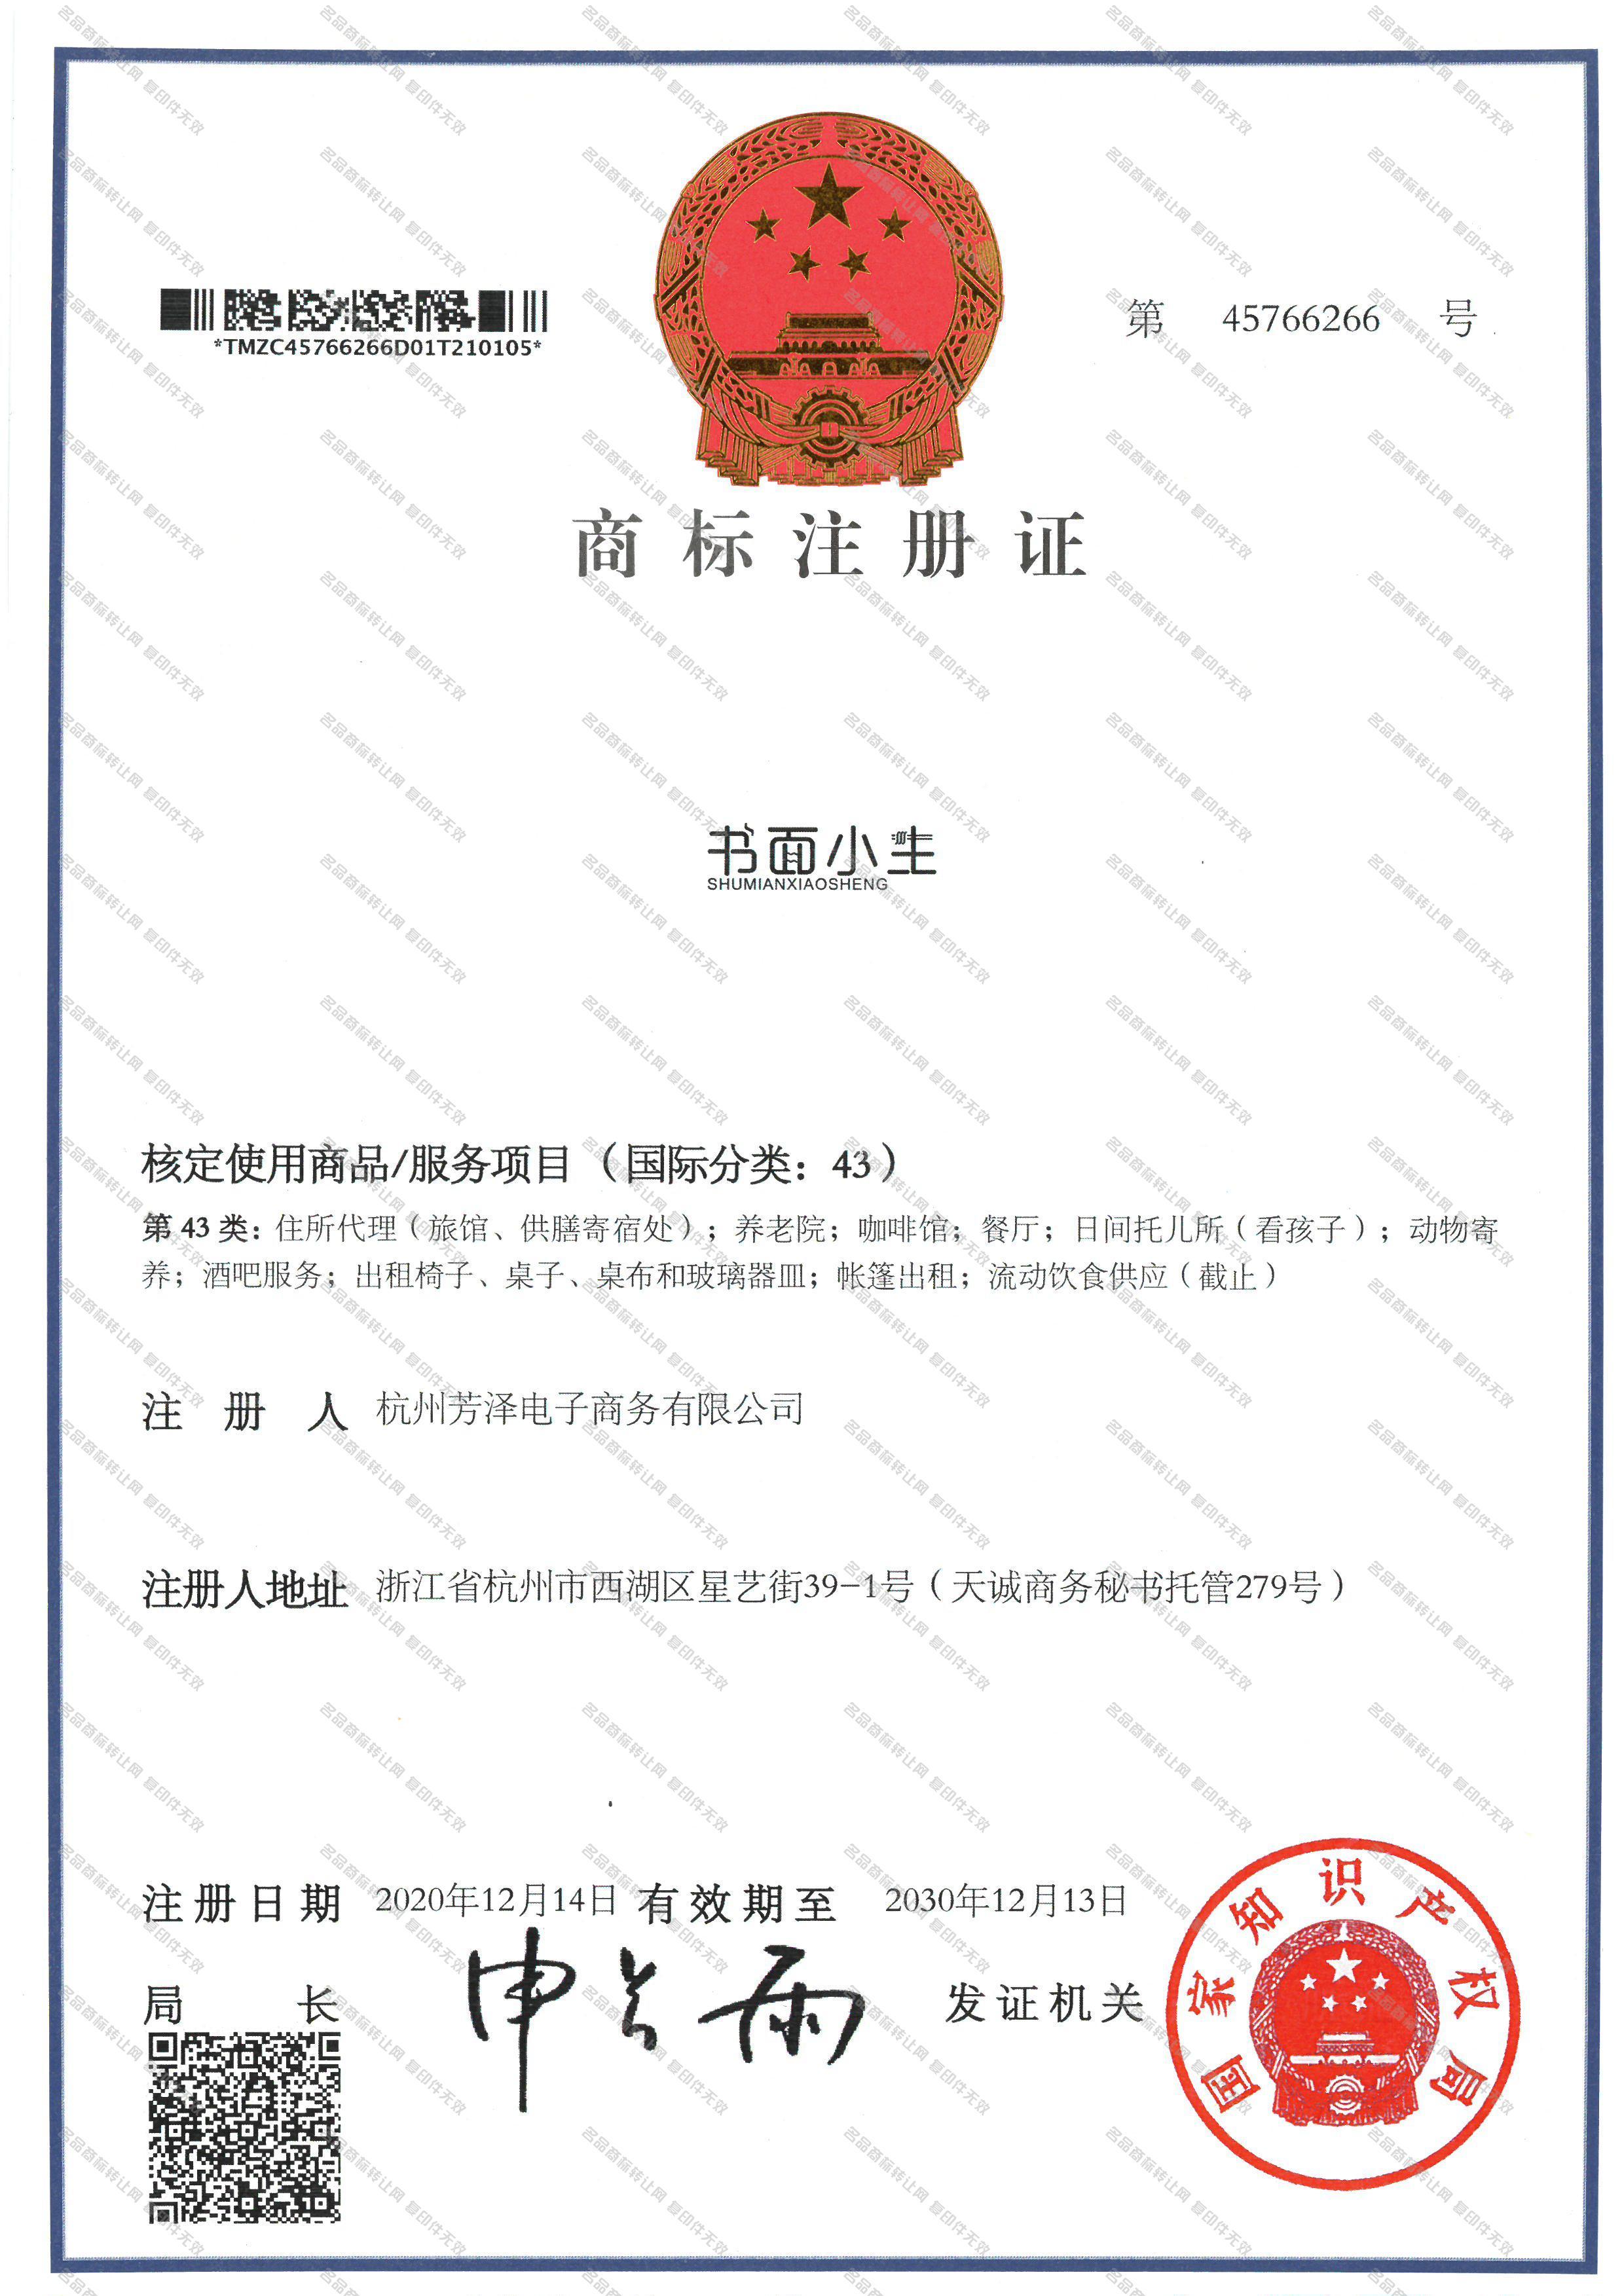 书面小生;SHUMIANXIAOSHENG注册证